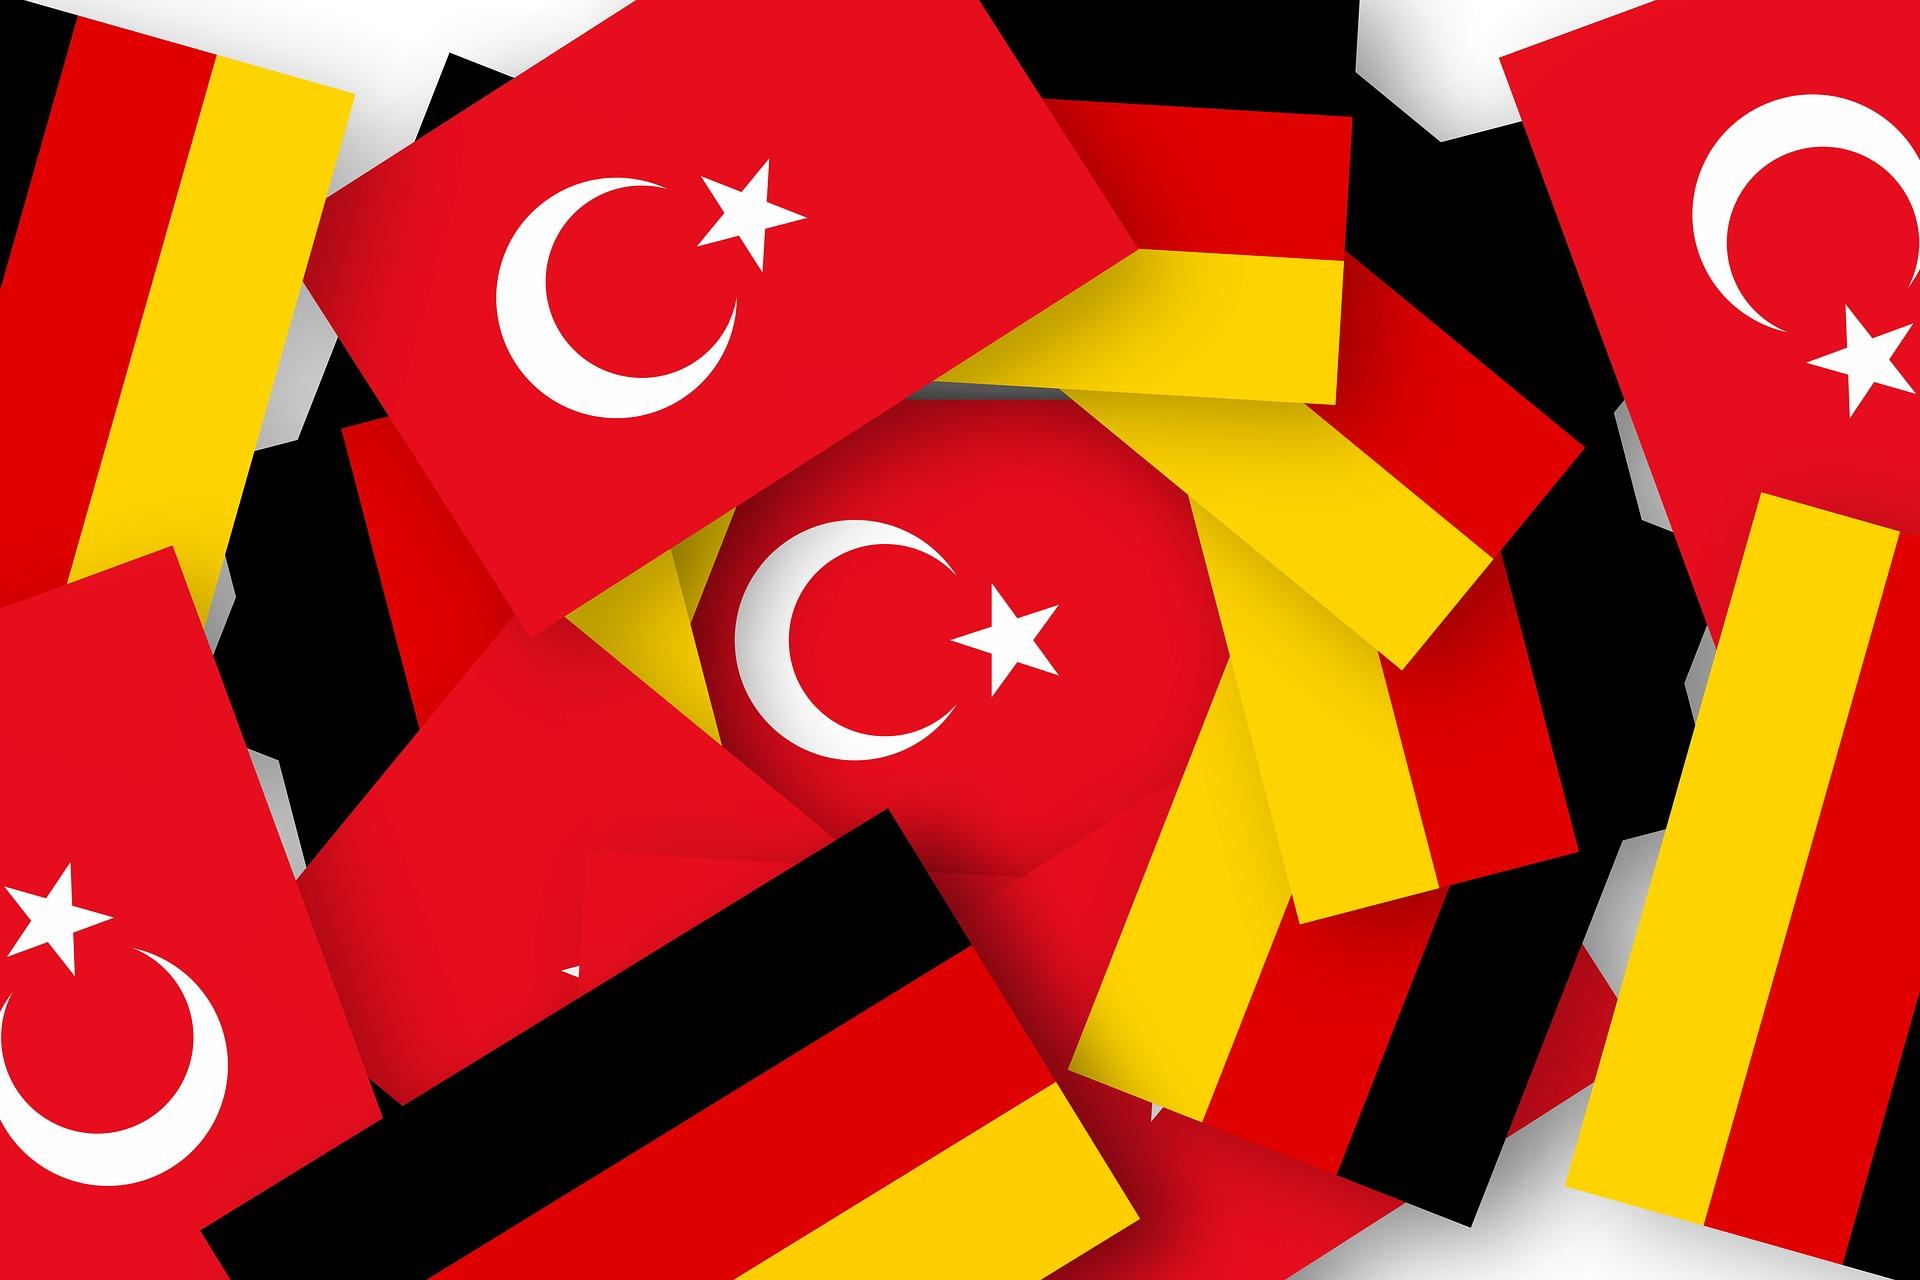 Mehrere Türkei und Deutschlandflaggen